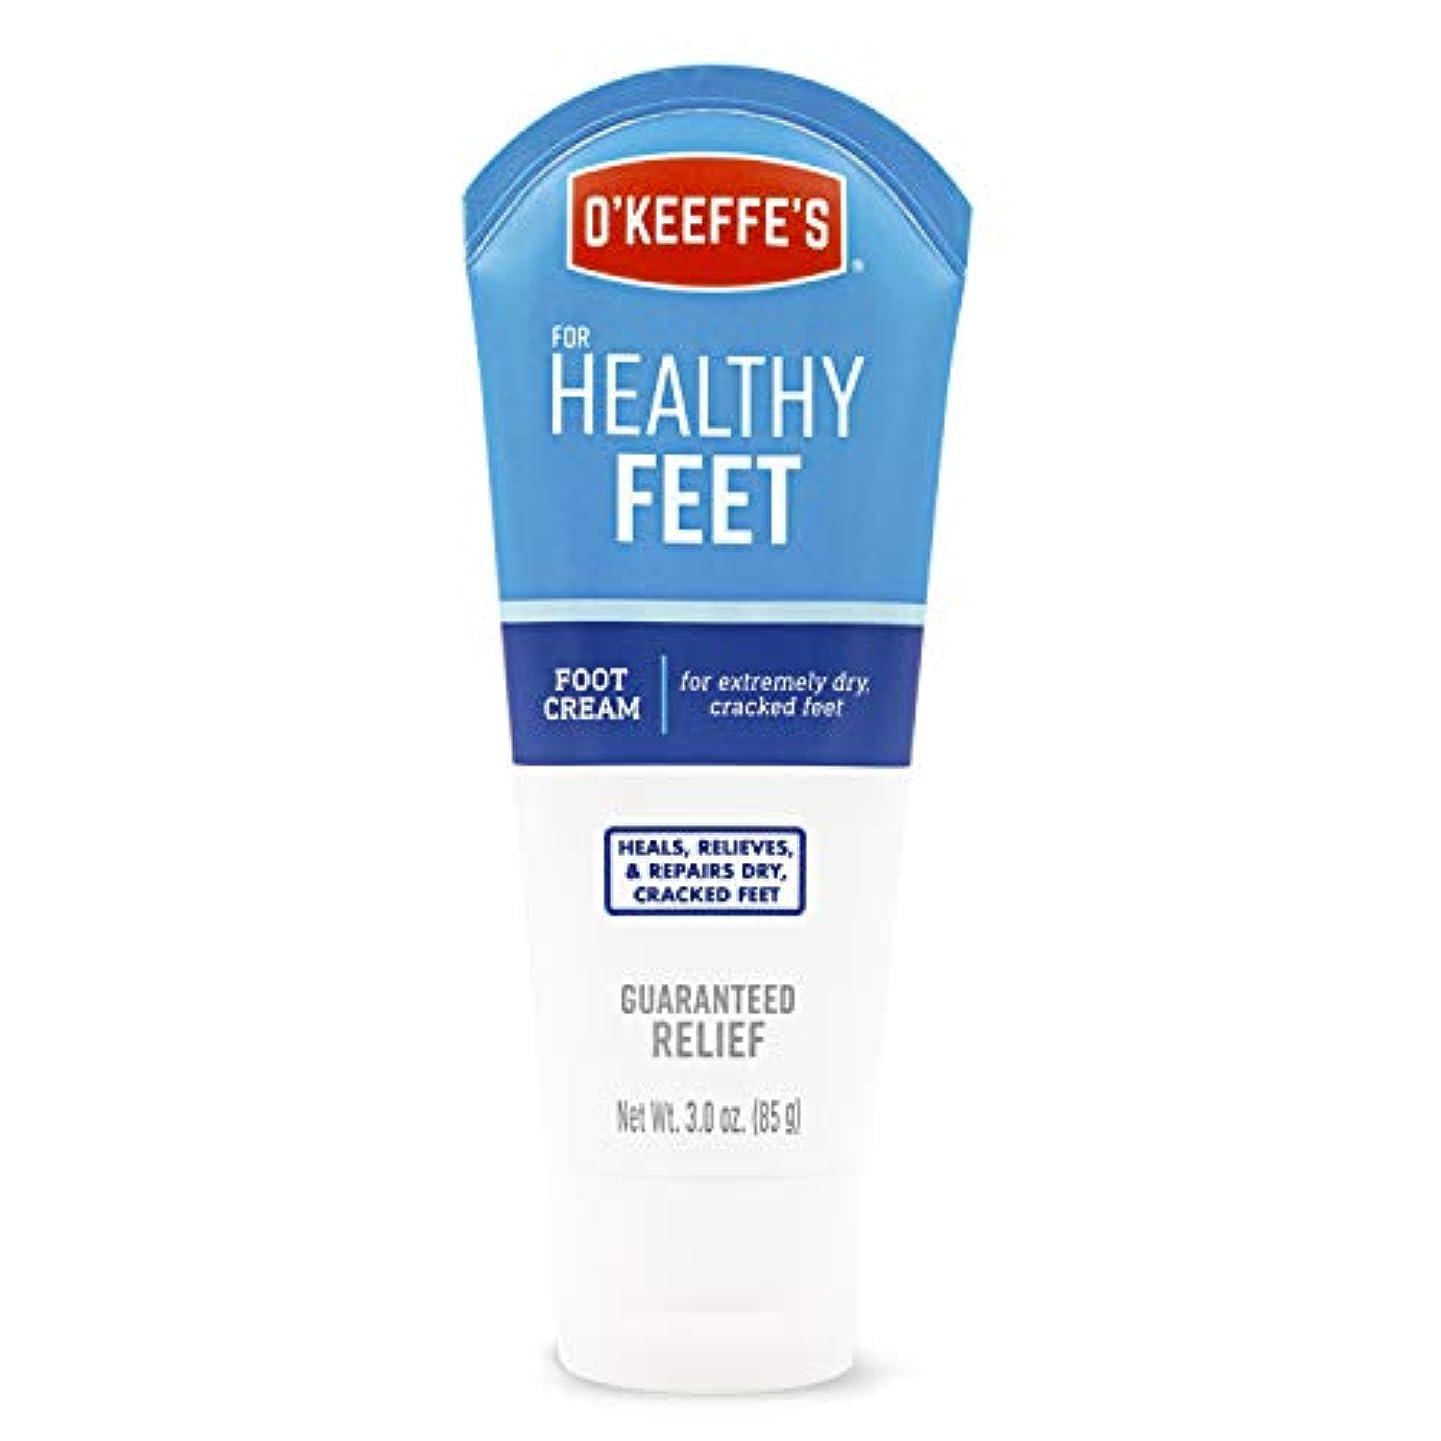 減衰大砲資本主義オキーフス ワーキングフィートクリーム チューブ  85g 1点 (並行輸入品) O'Keeffe's Working Feet Tube Cream 3oz